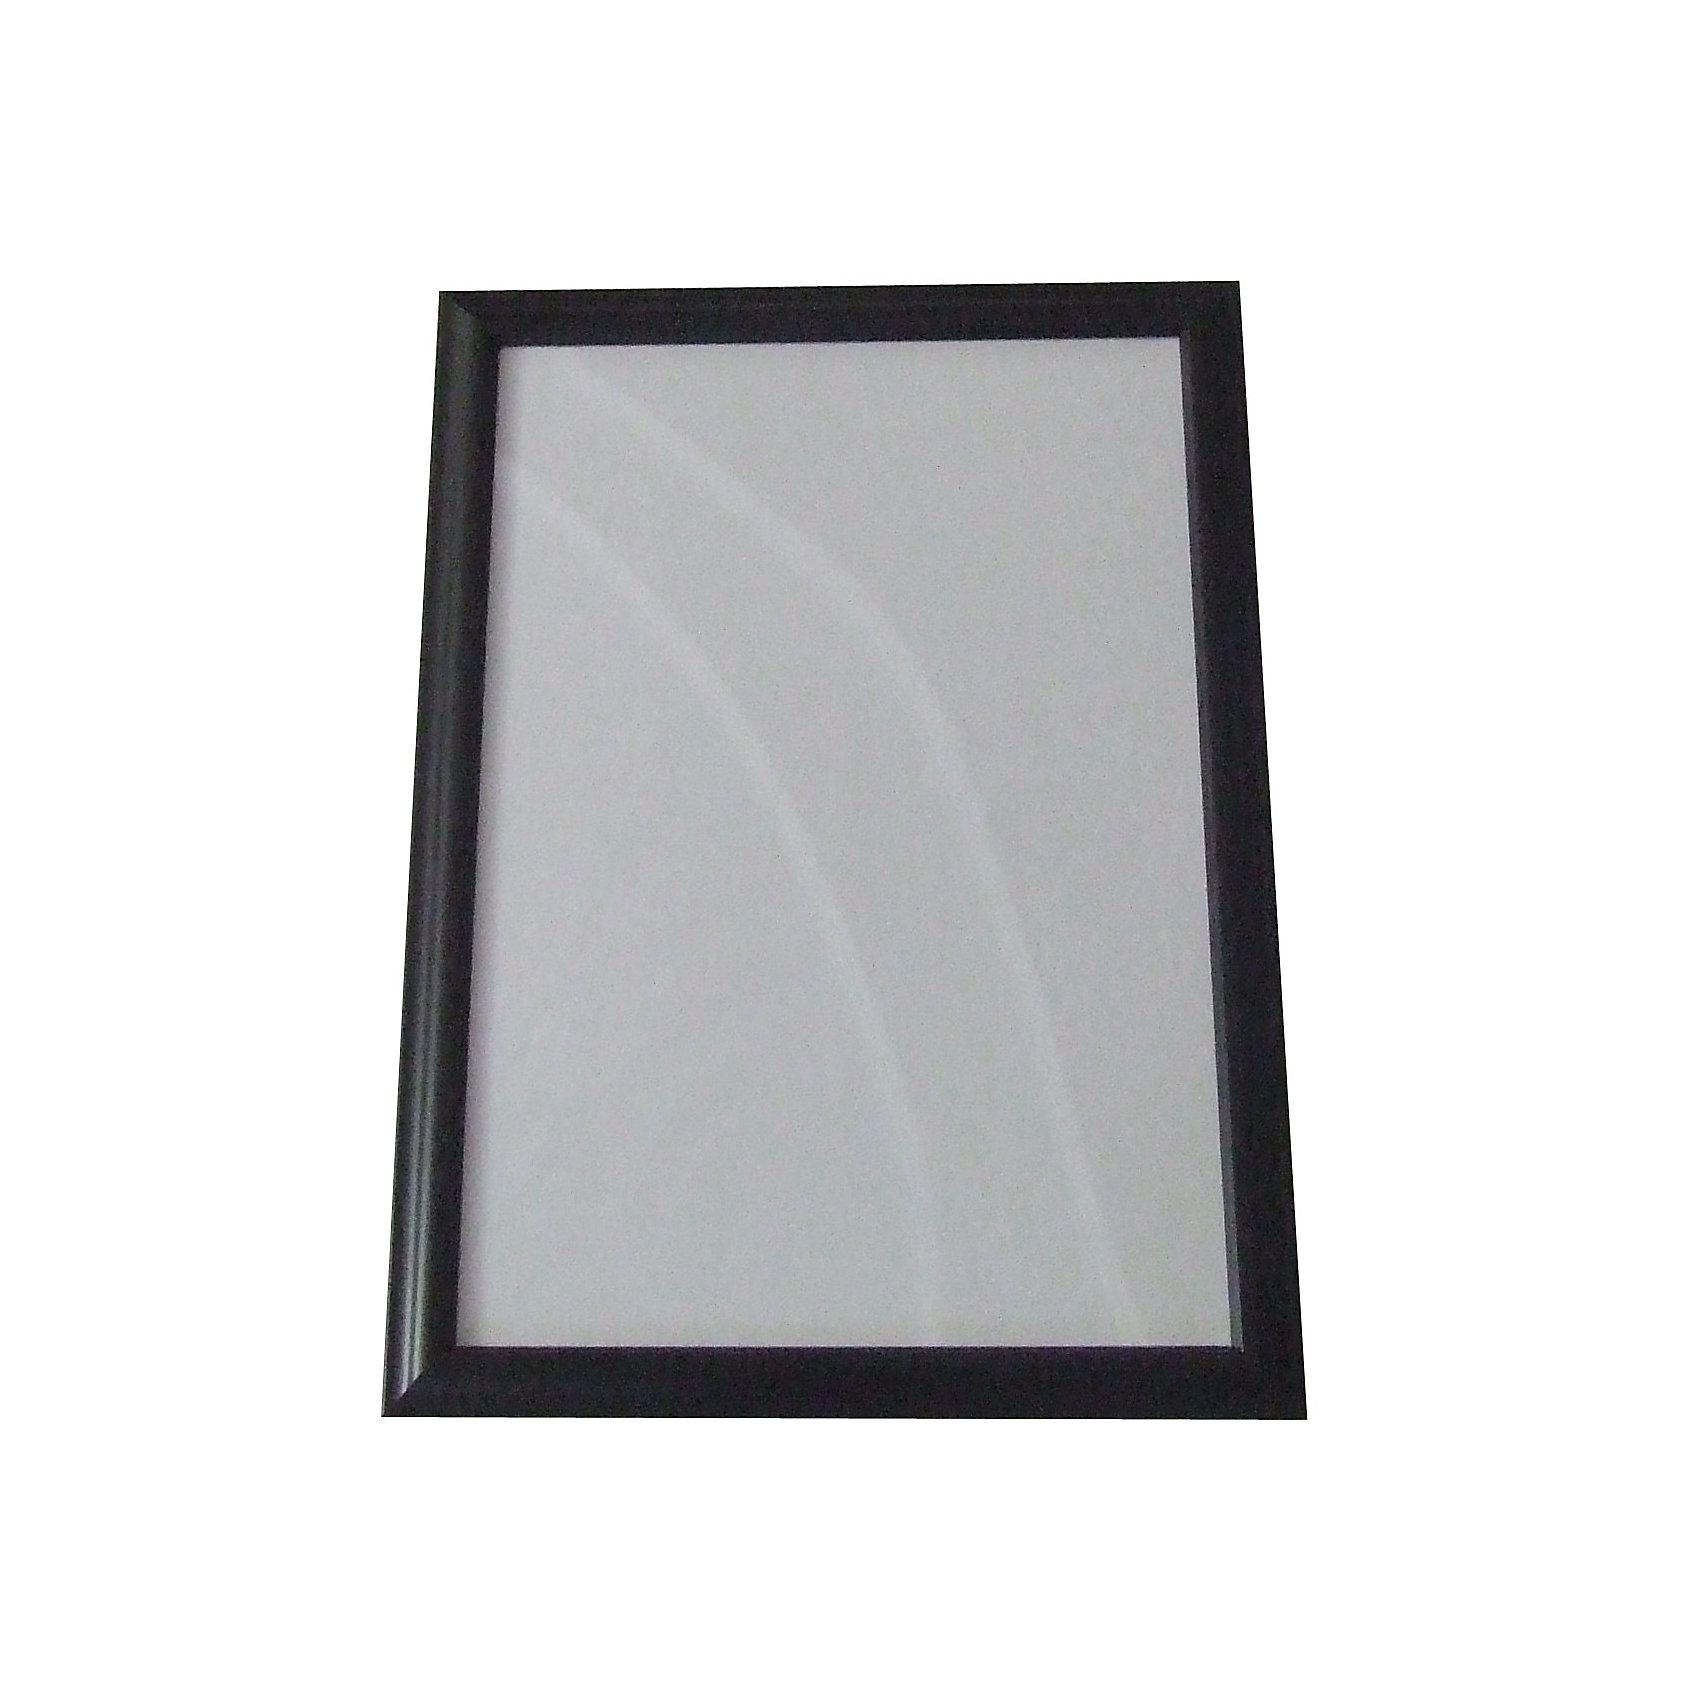 Рамка для пазла, 500 деталей, чернаяАксессуары для пазлов<br>Чтобы собранный пазл мог послужить украшением интерьера, его нужно вставить в рамку и повесить на стену. <br><br>Дополнительная информация:<br><br>- Цвет: черный.<br>- Материал рамки:  пластик.<br>- Материал покрытия: пластик. <br>- Толщина багета: 3,2 см.<br>- Рамка подходит для пазла с количеством деталей 500 шт., размером: 47 х 33 см.<br><br>Ширина мм: 330<br>Глубина мм: 470<br>Высота мм: 20<br>Вес г: 300<br>Возраст от месяцев: 36<br>Возраст до месяцев: 1188<br>Пол: Унисекс<br>Возраст: Детский<br>SKU: 2614597